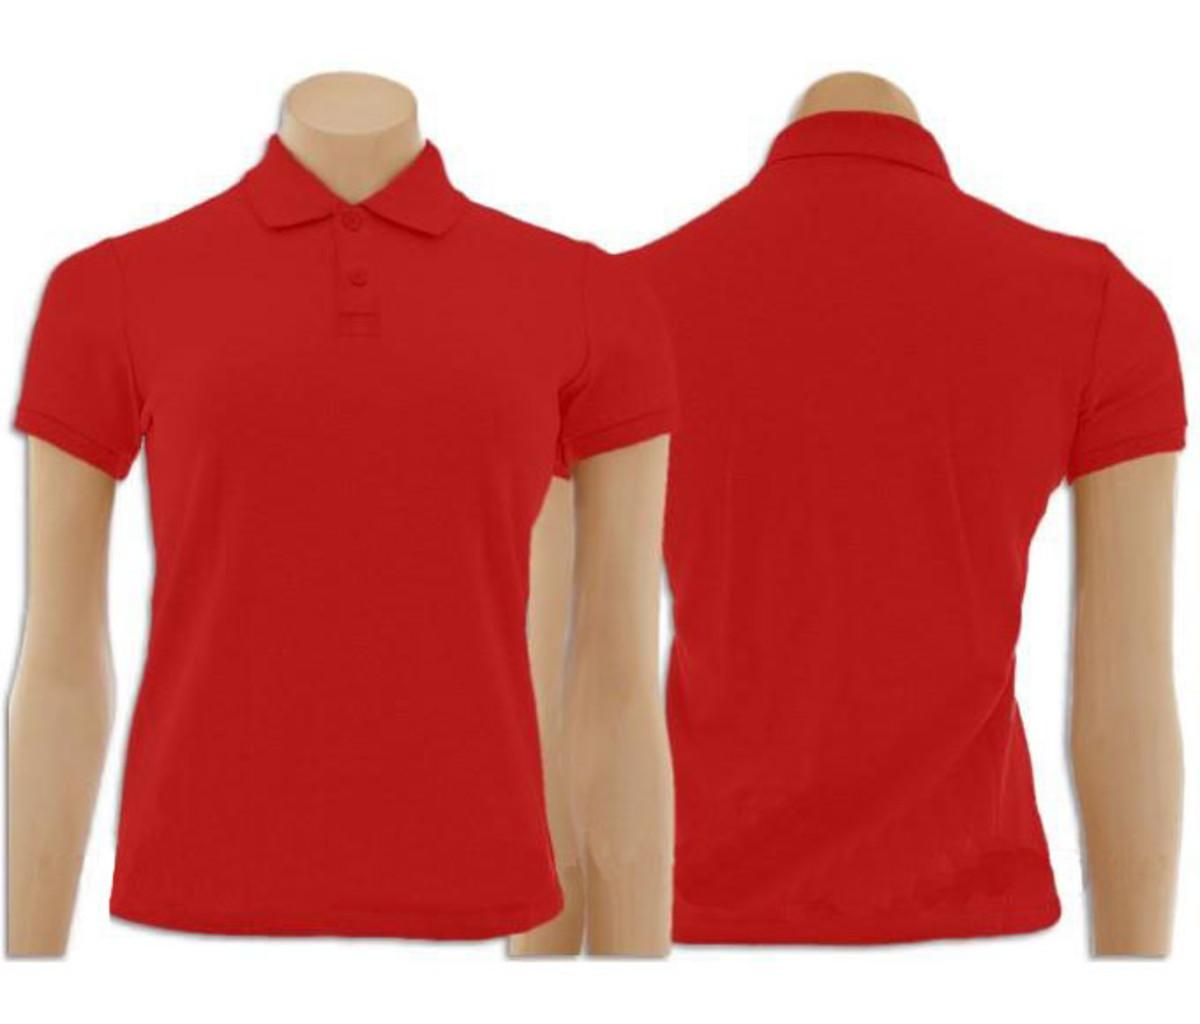 ac469a1c5 Camiseta Gola Polo Vermelho Feminino no Elo7